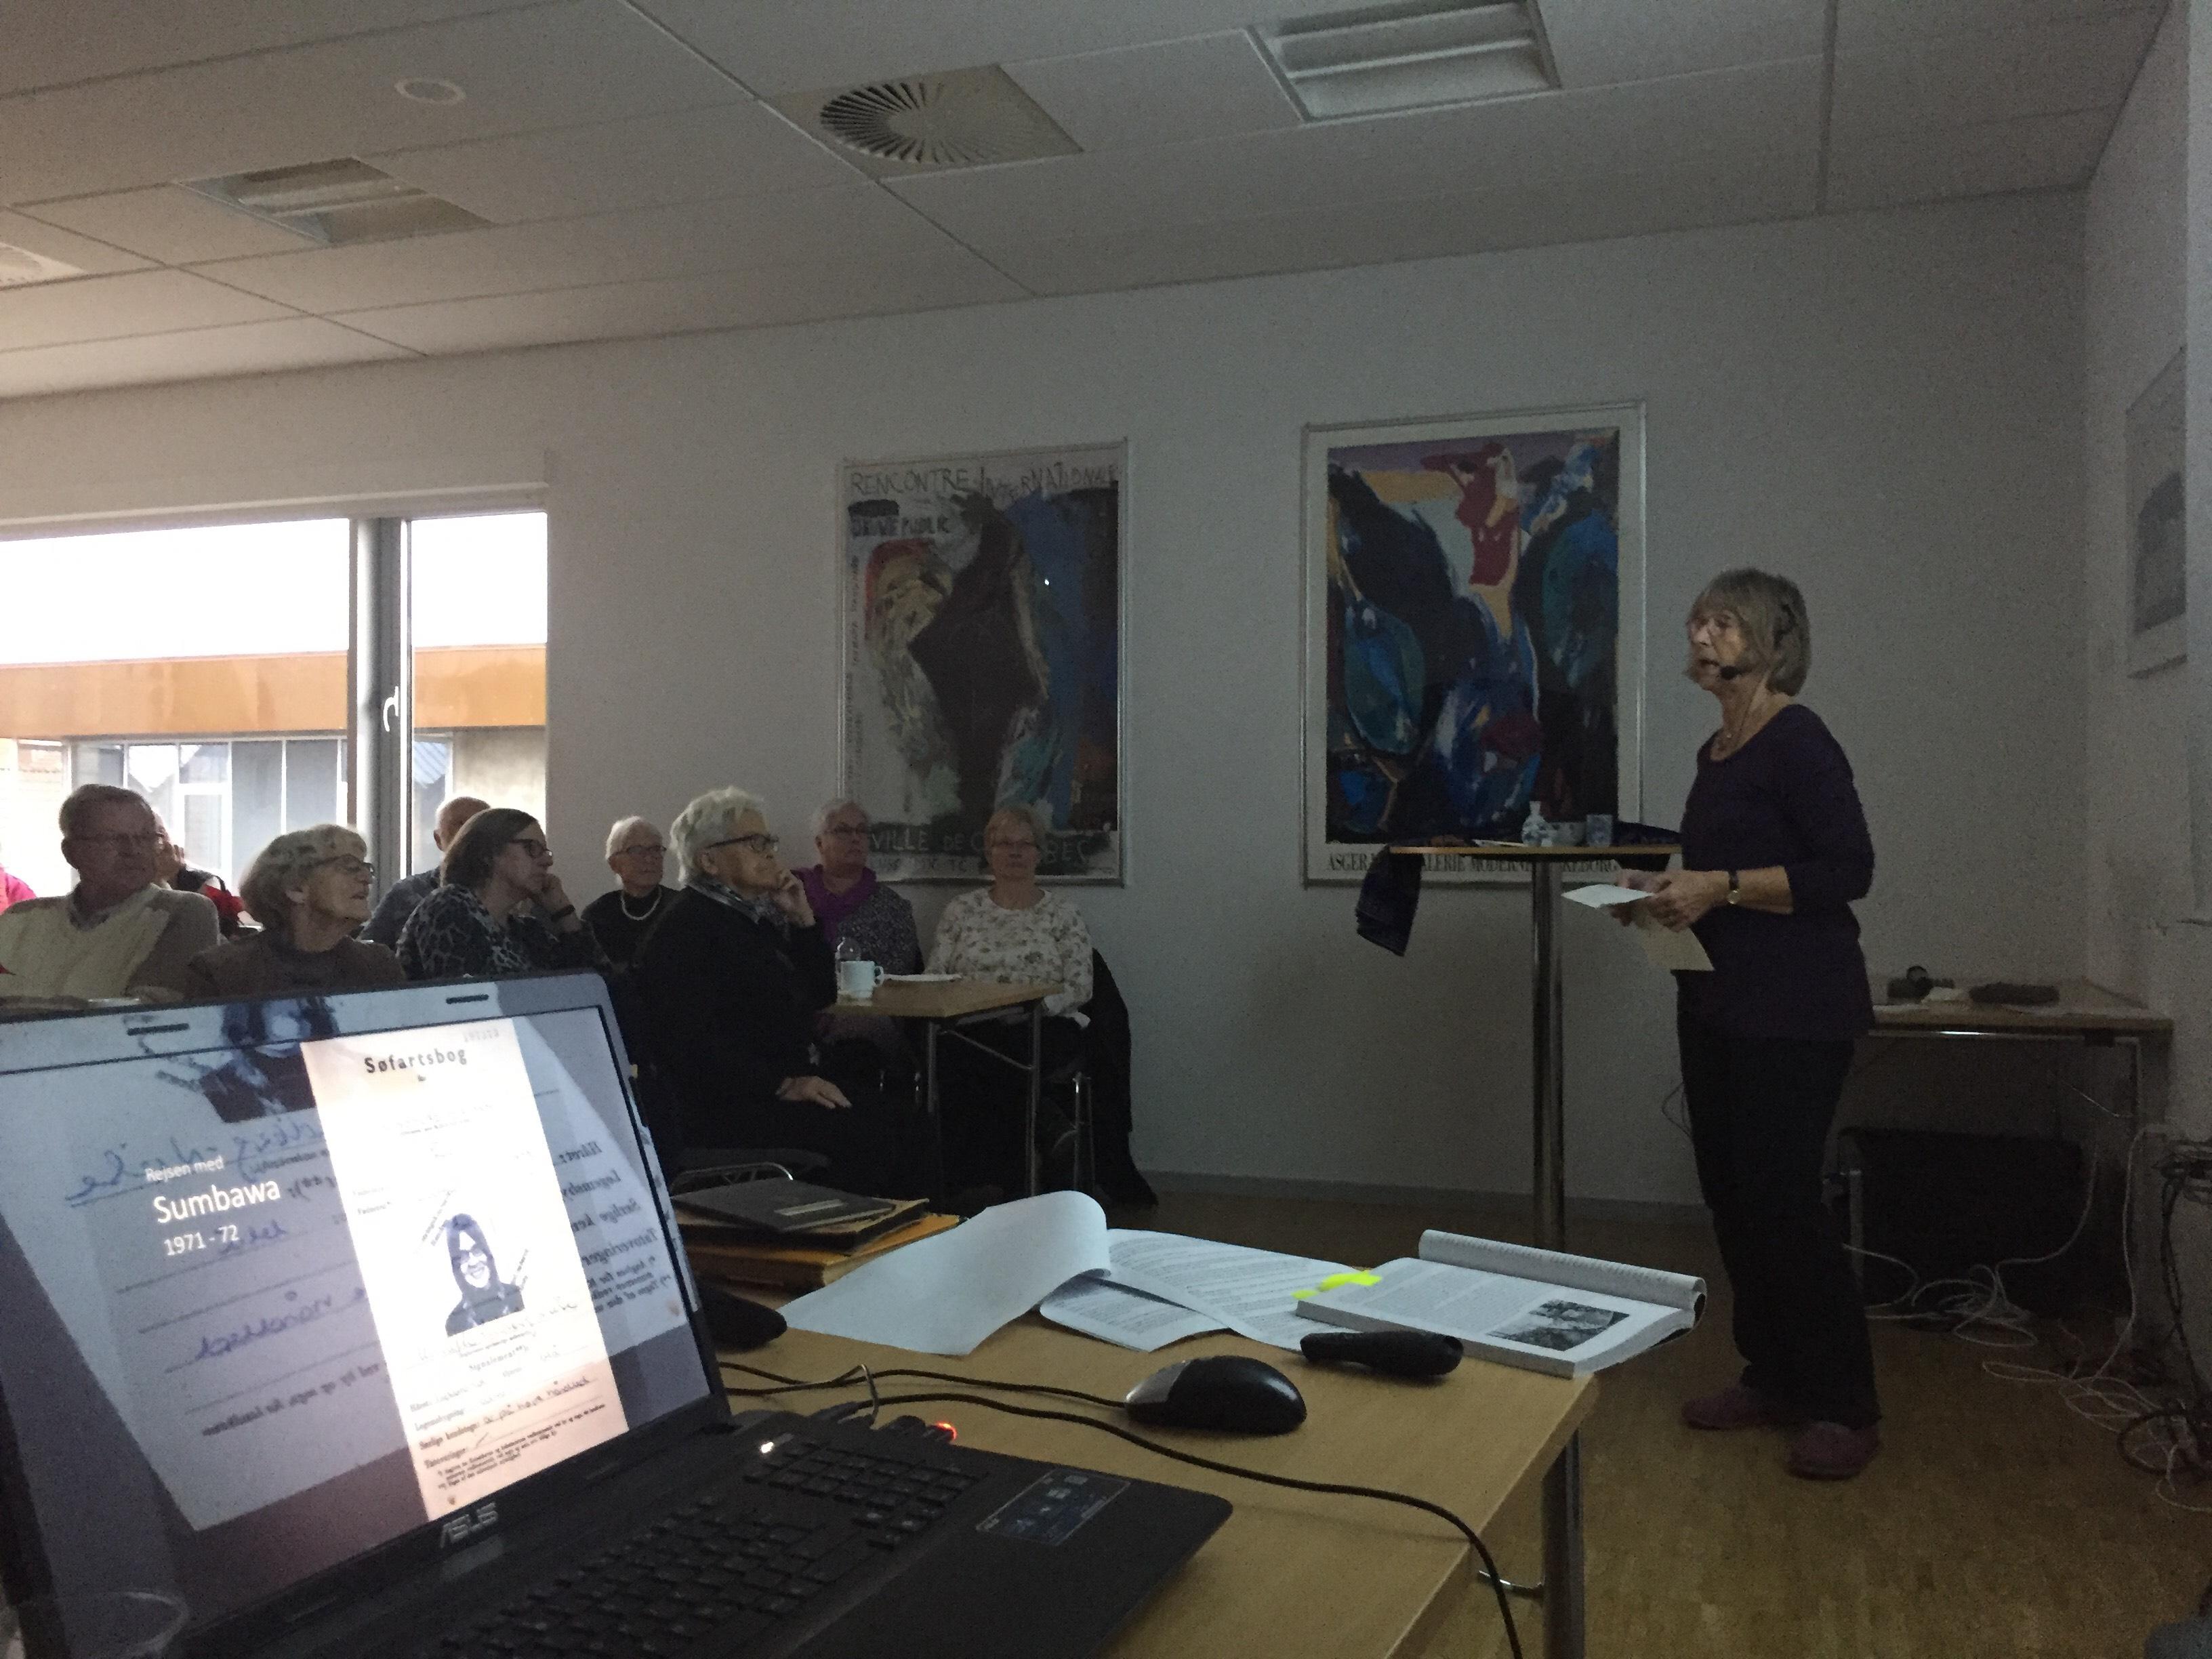 Annette Lindberg beretning om livet om bord på et ØK-skib fik tre tilhørere til at købe bogen